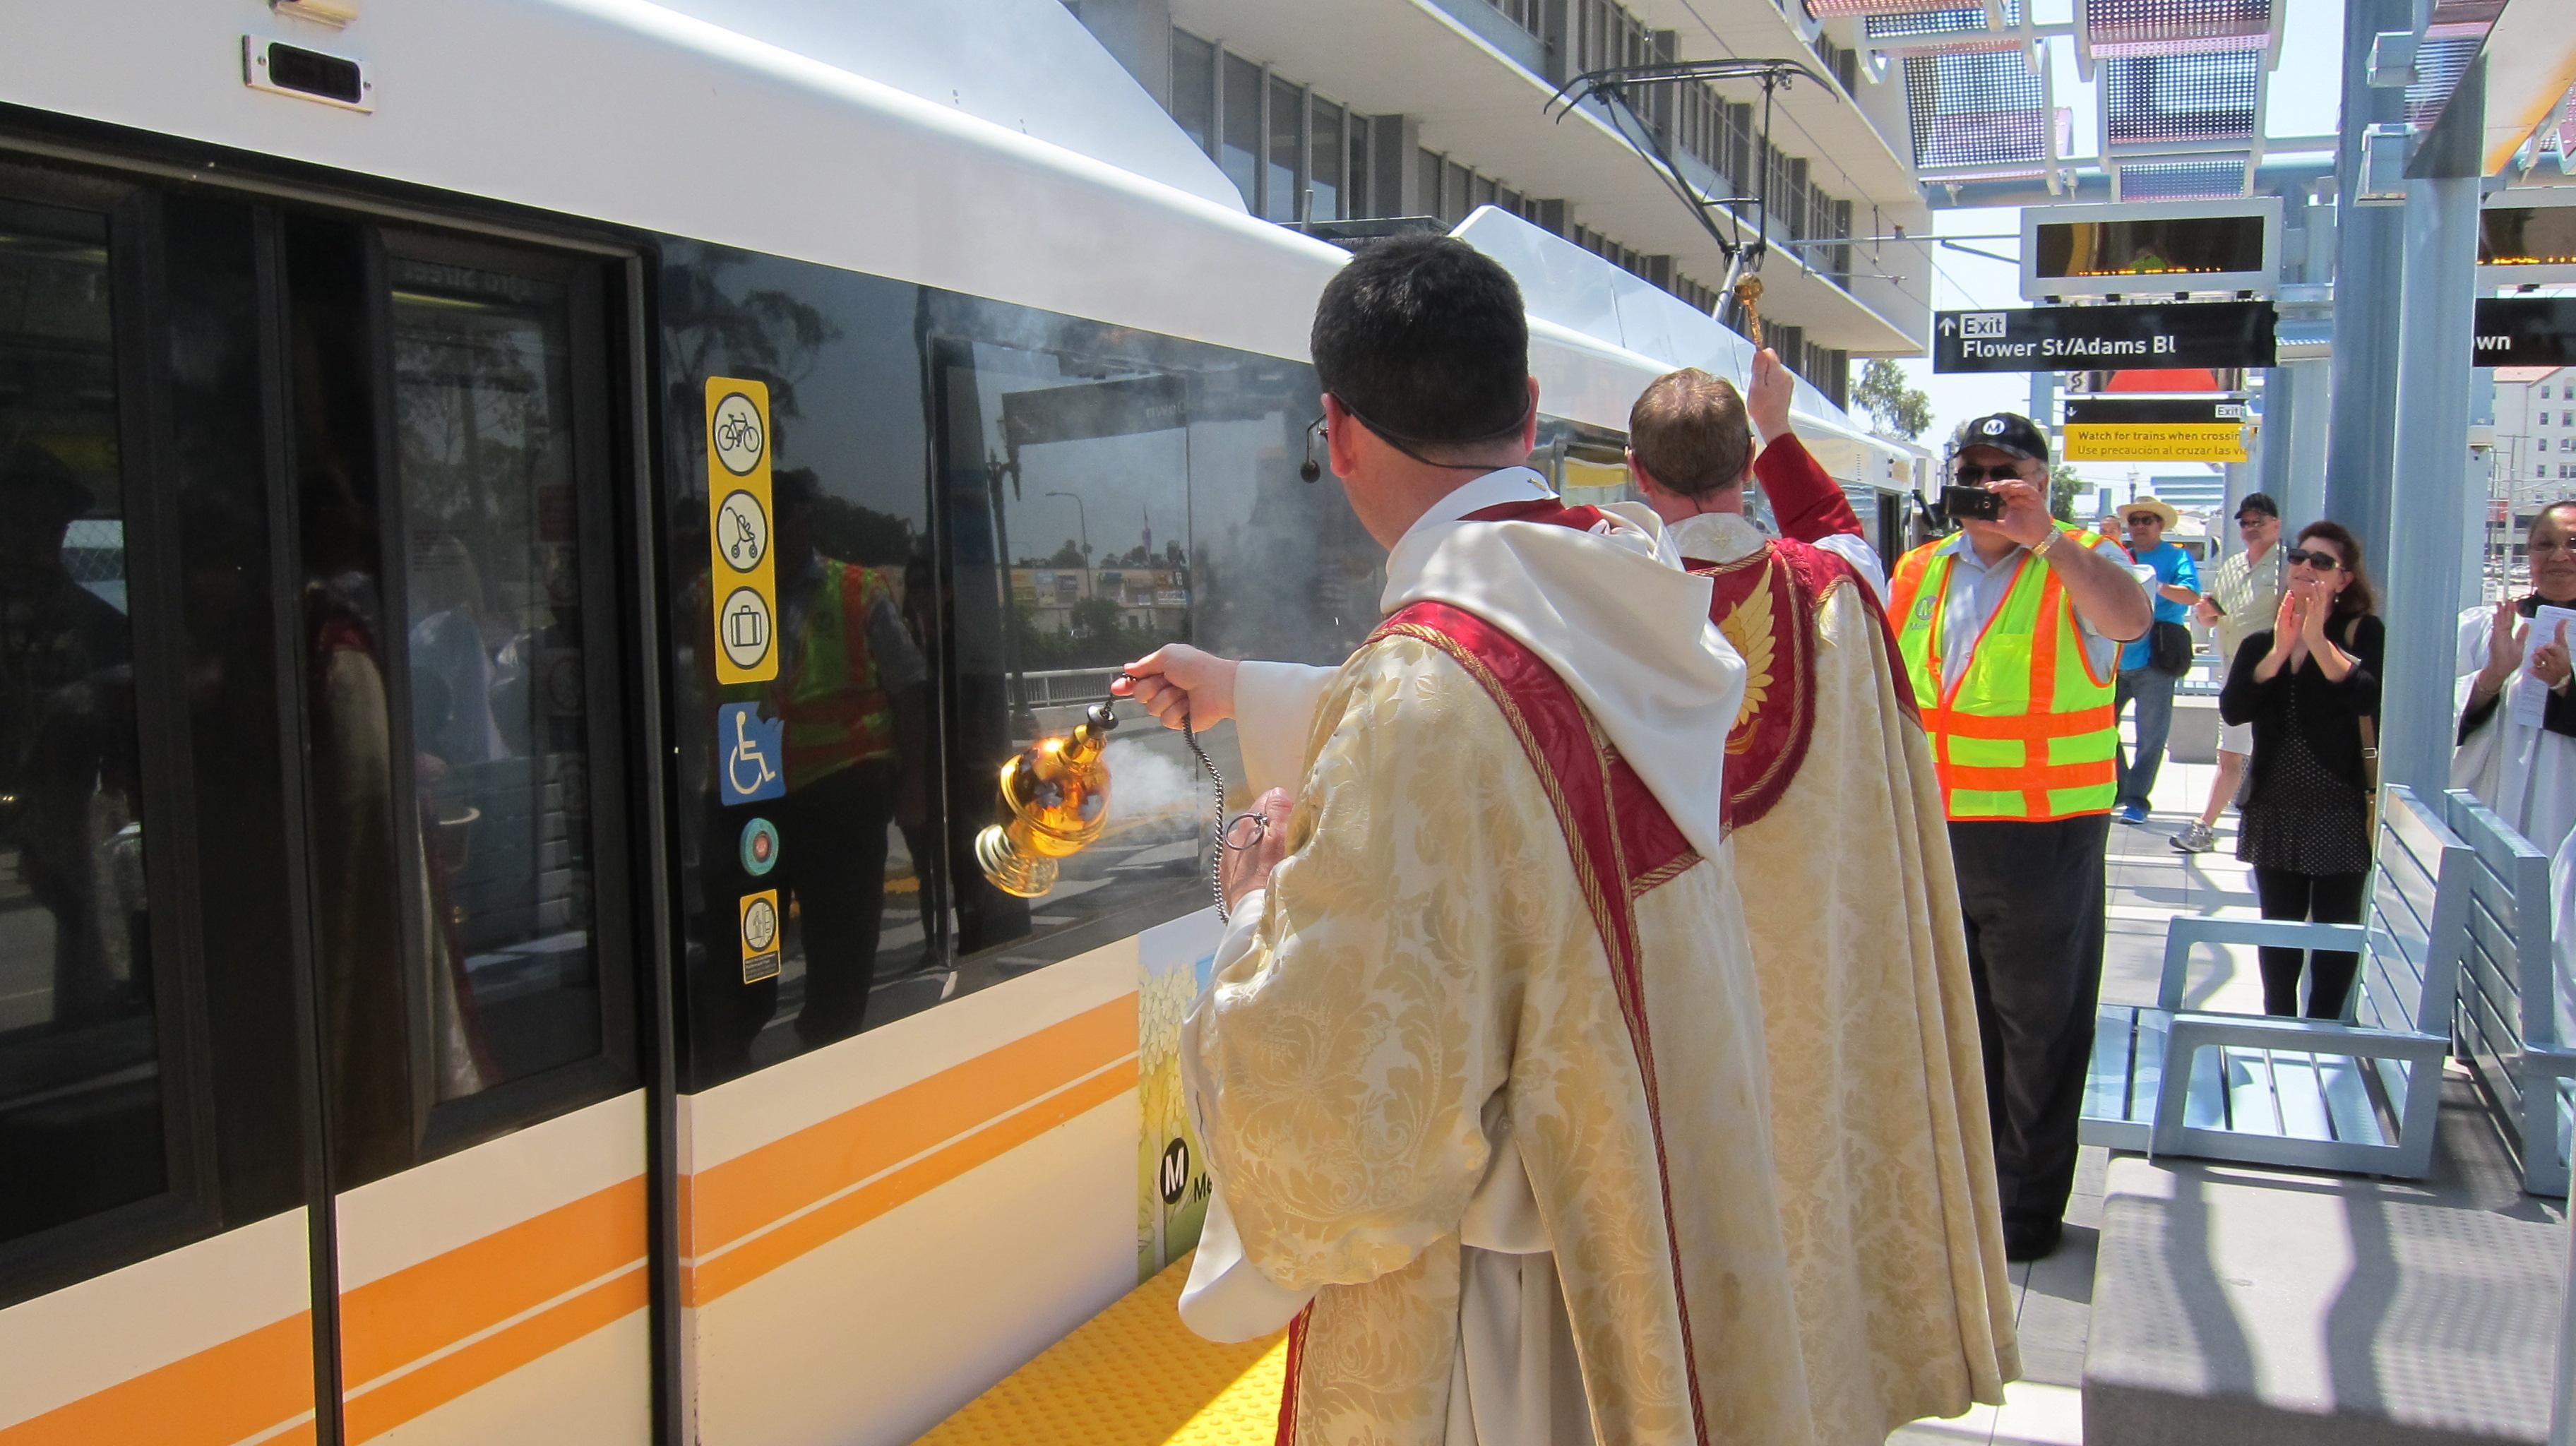 El reverendo Kowalewski de la iglesia Episcopal bendice la estación de la calle 23. (Foto Luis Inzunza/El Pasajero).